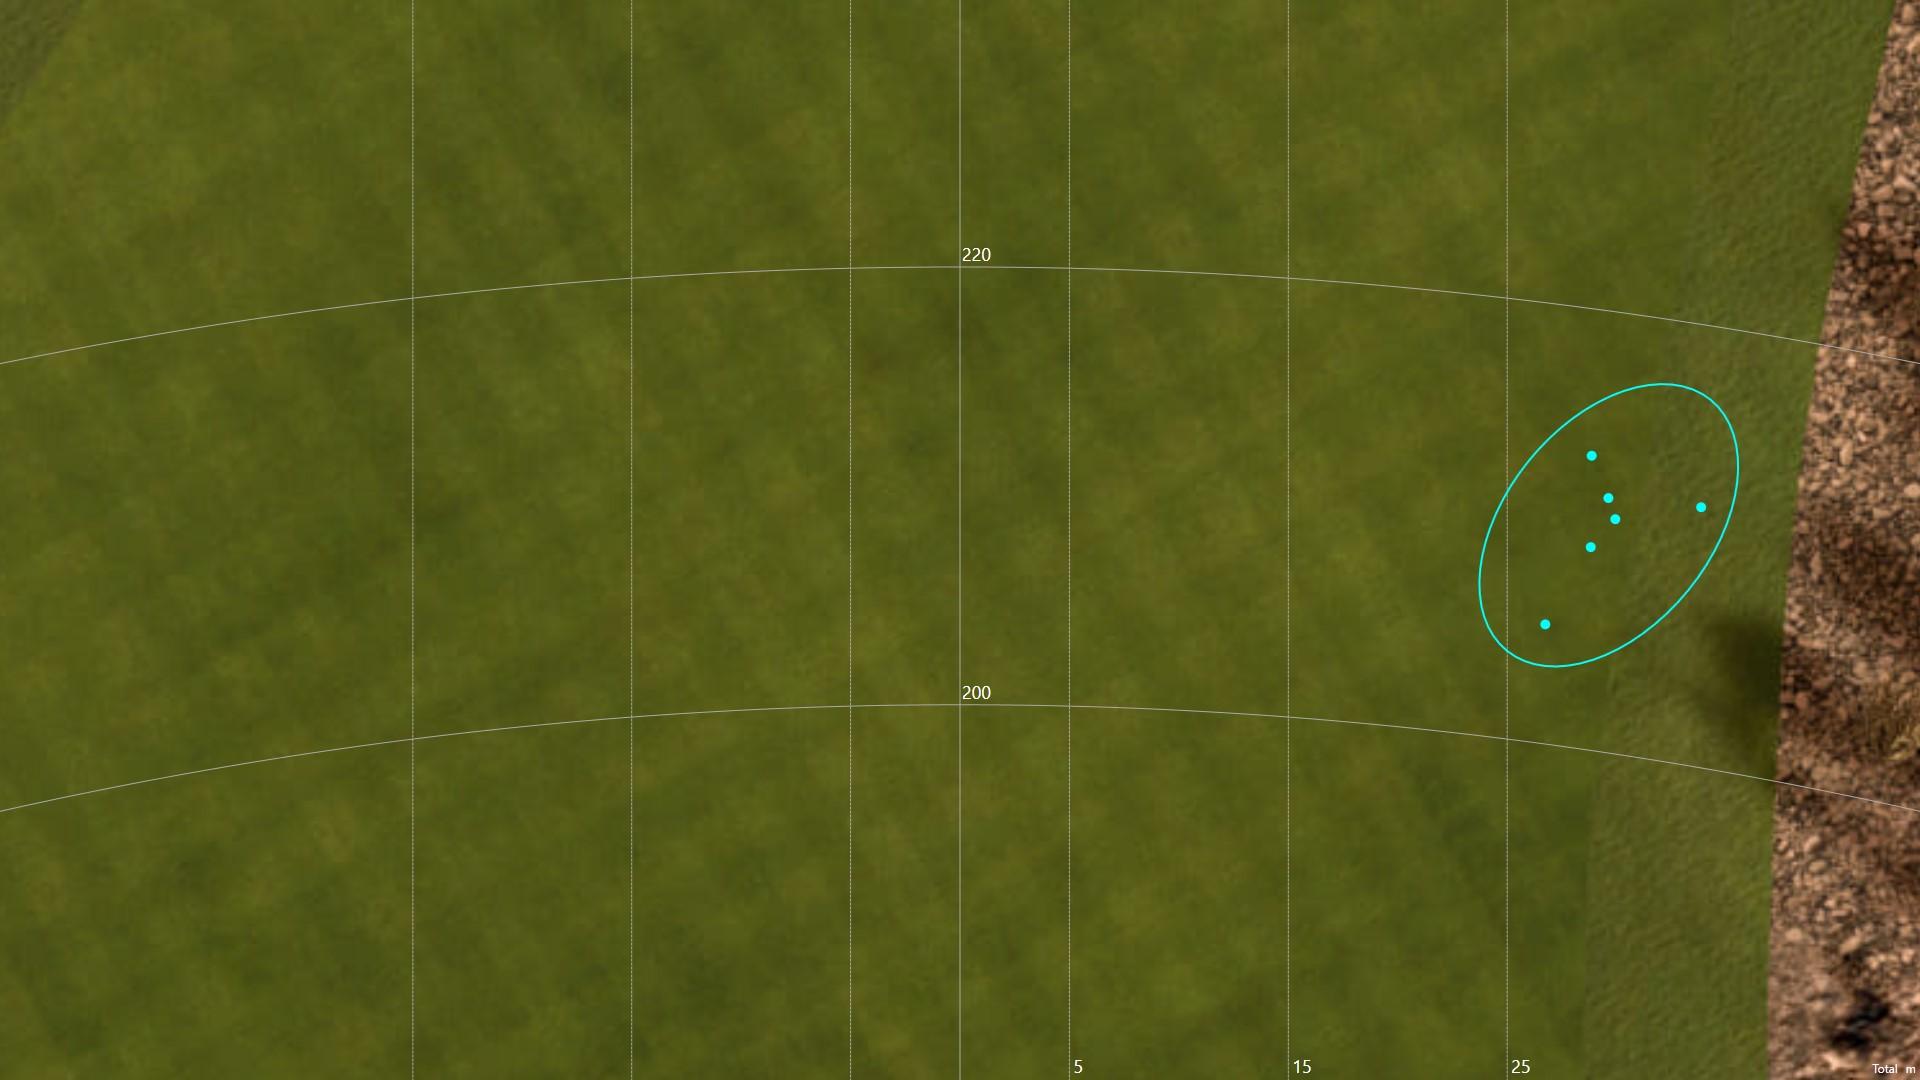 Bespielchart zur Darstellung der Zone, in der die Bälle zur Ruhe gekommen sind